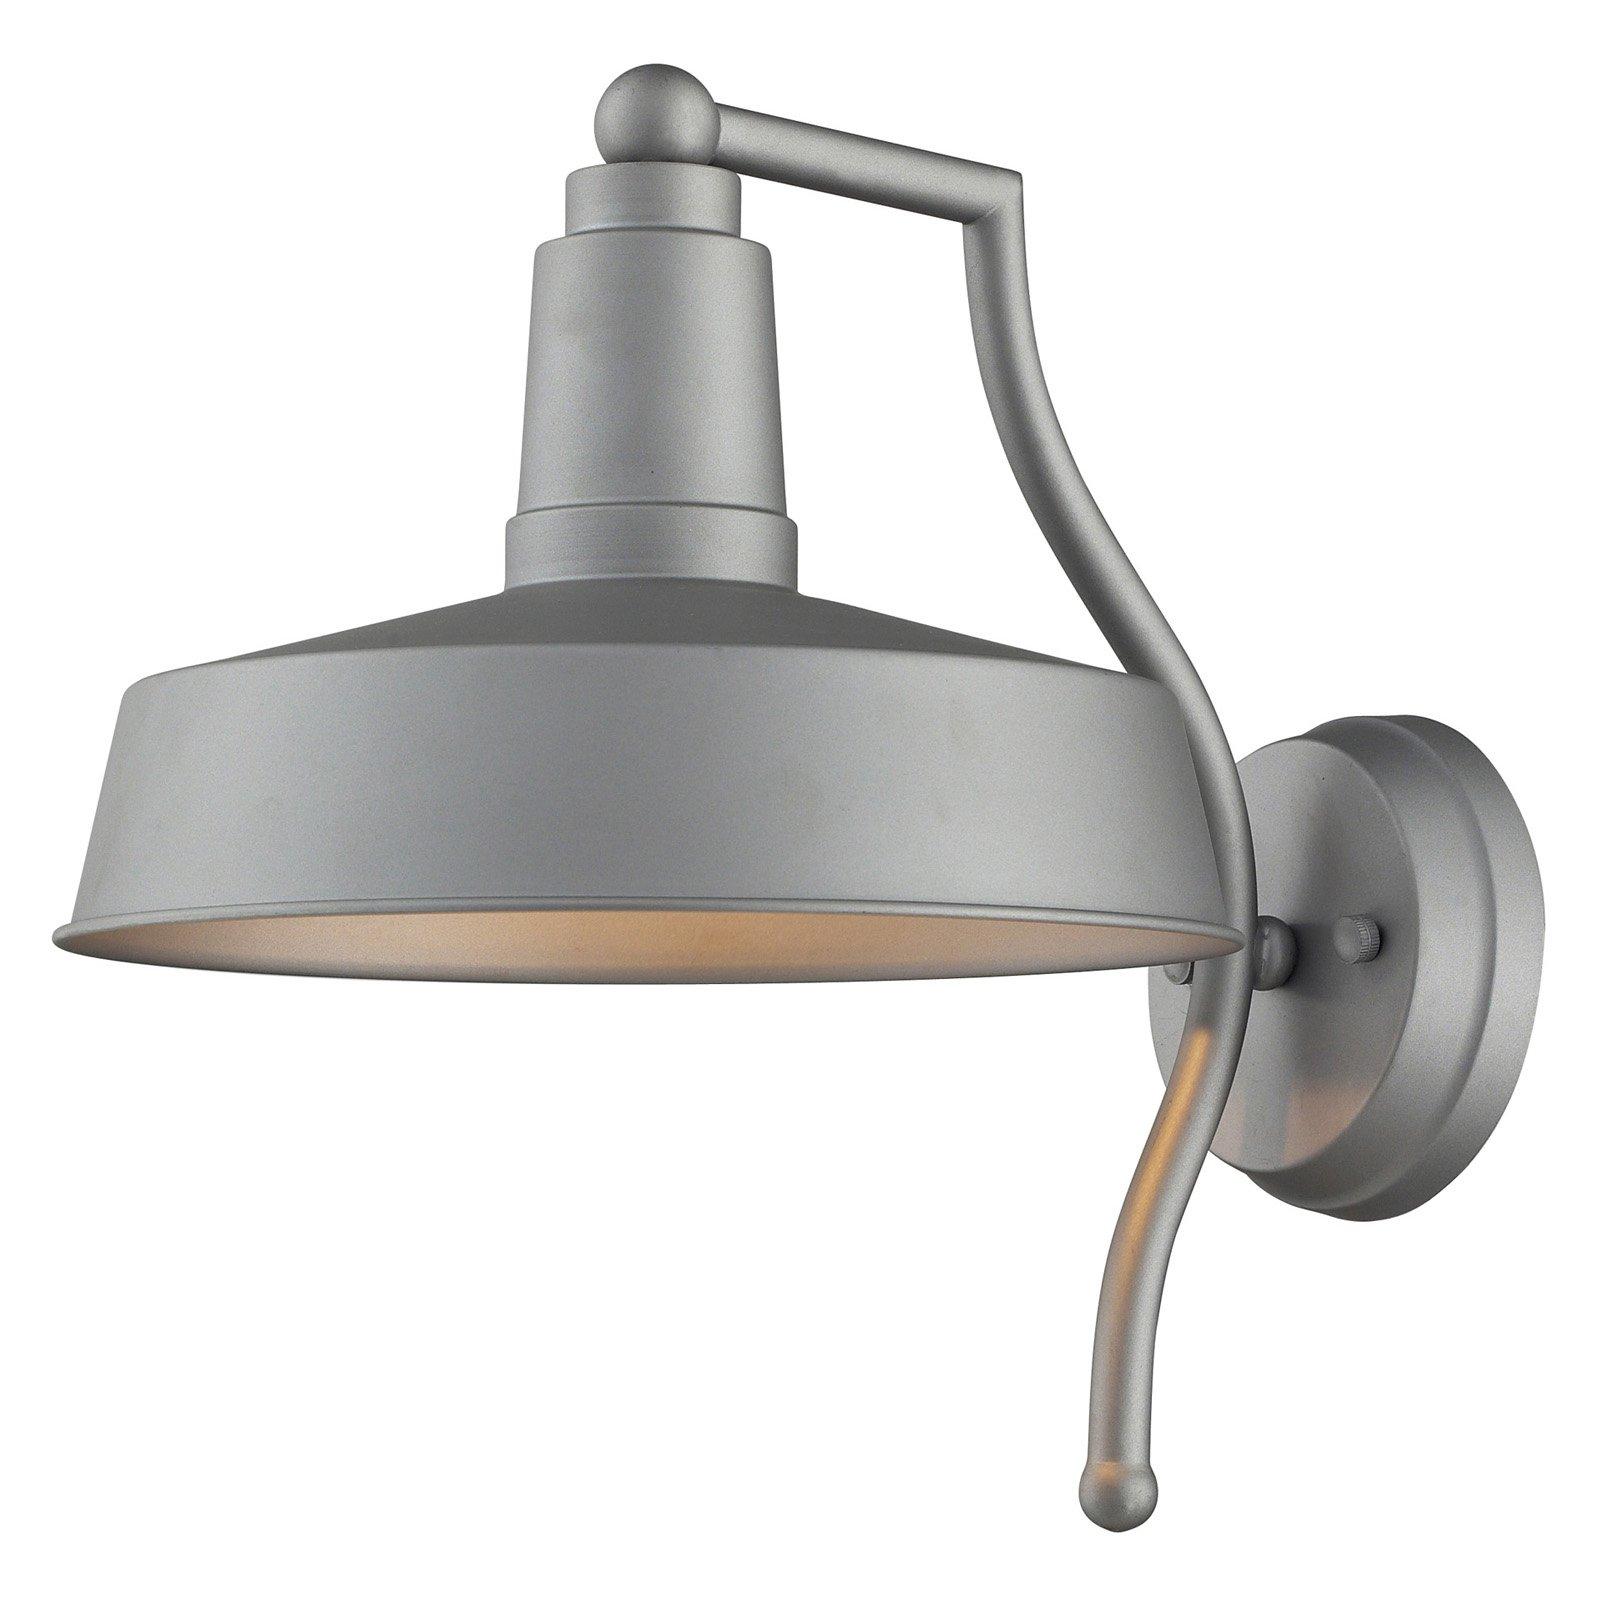 ELK Lighting Walden 65121-1 Sconce - 11W in. - Aged Pewter